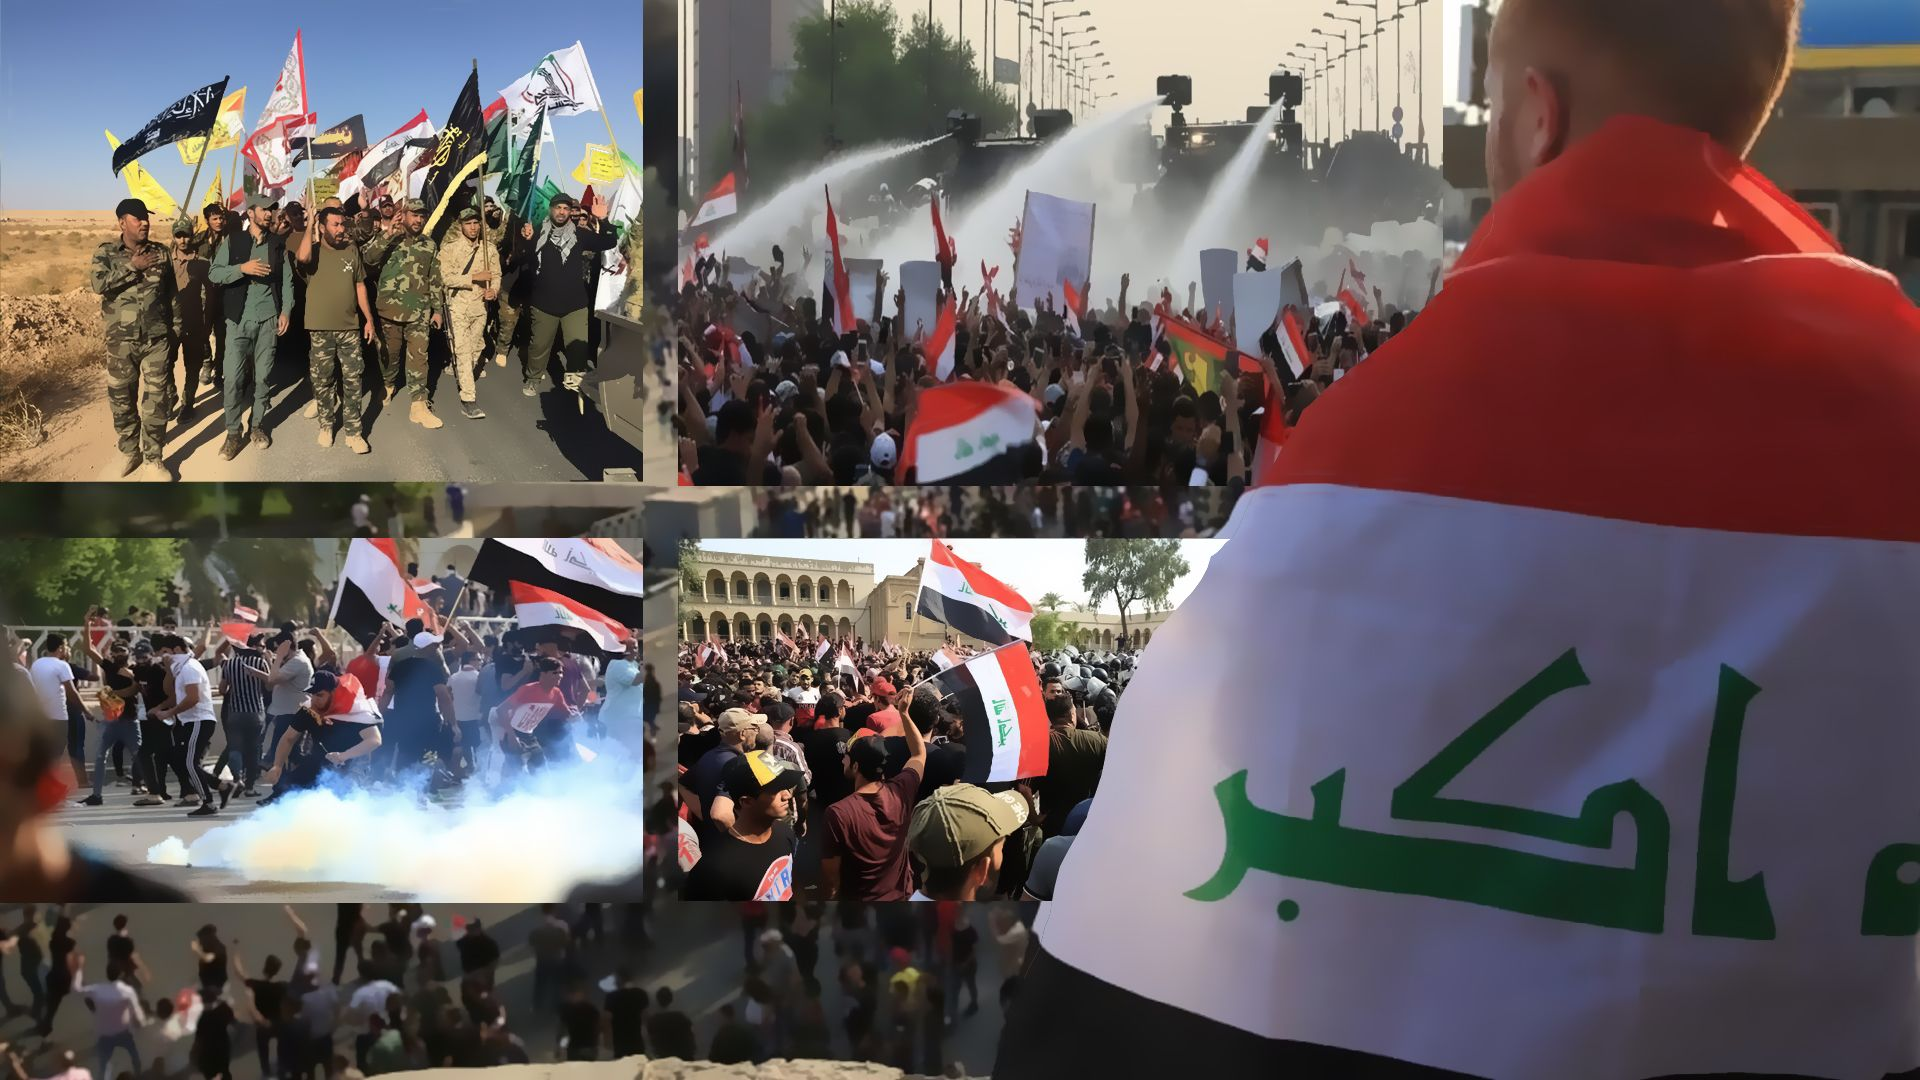 مأزق العراق بين النفوذ الإيراني والفشل في تلبية مطالب المحتجين Hard Hat Fun Slide Fun